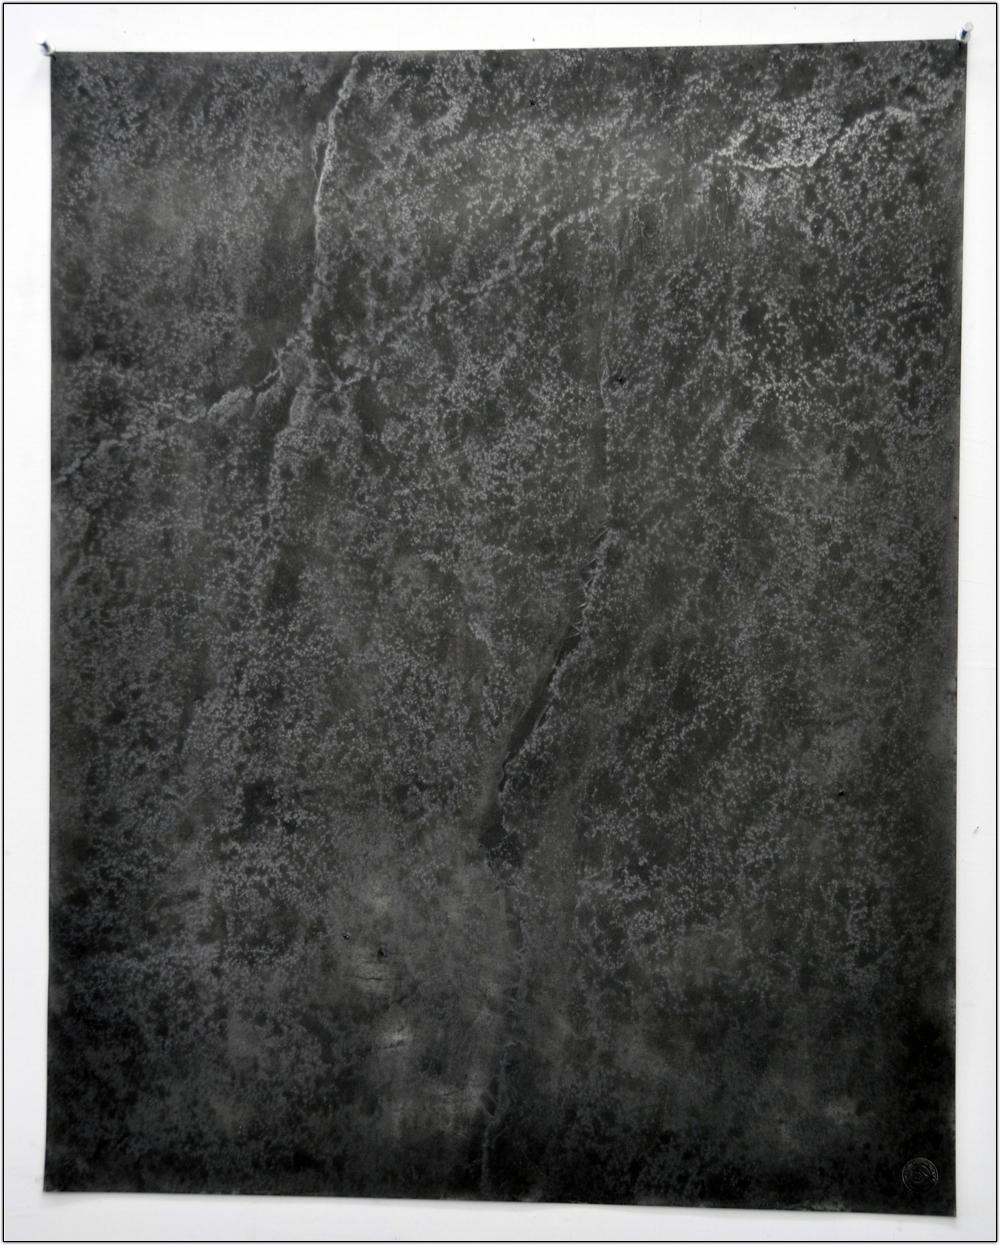 Fractured Foundations, Devlin III 2012